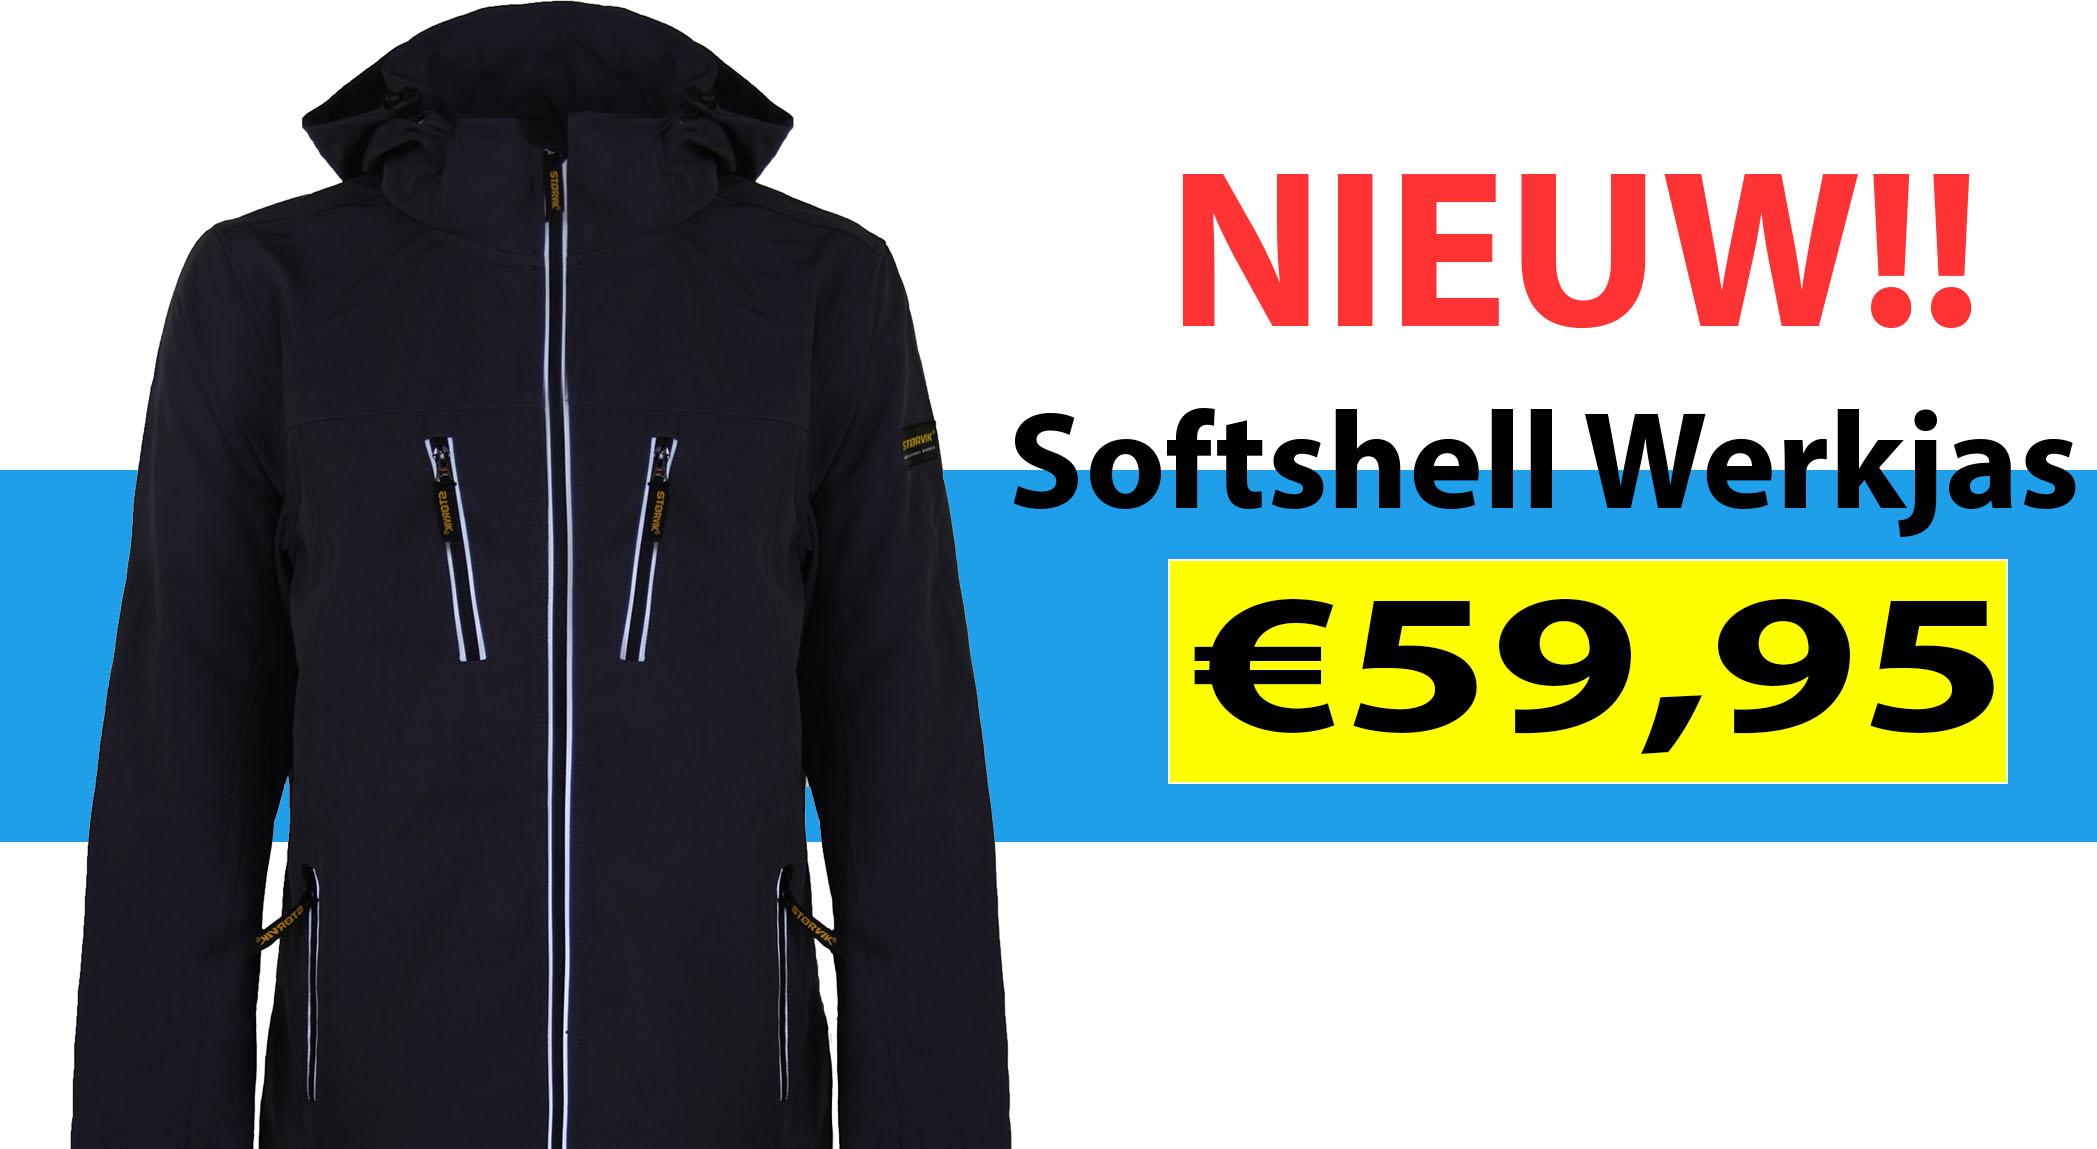 Softshell Werkjas kopen? - Nieuw! - Storvik.nl